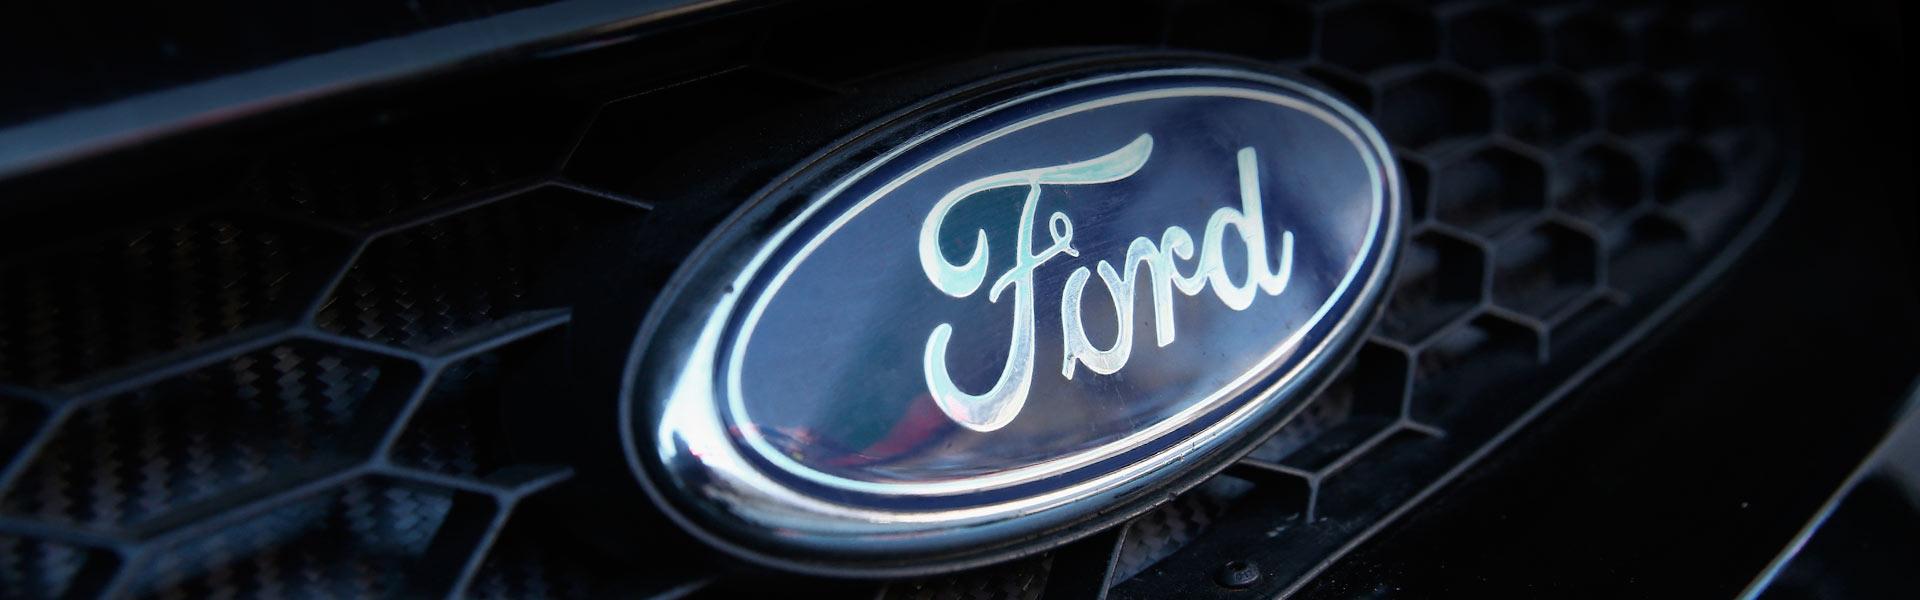 Установка сигнализации Форд Мондео